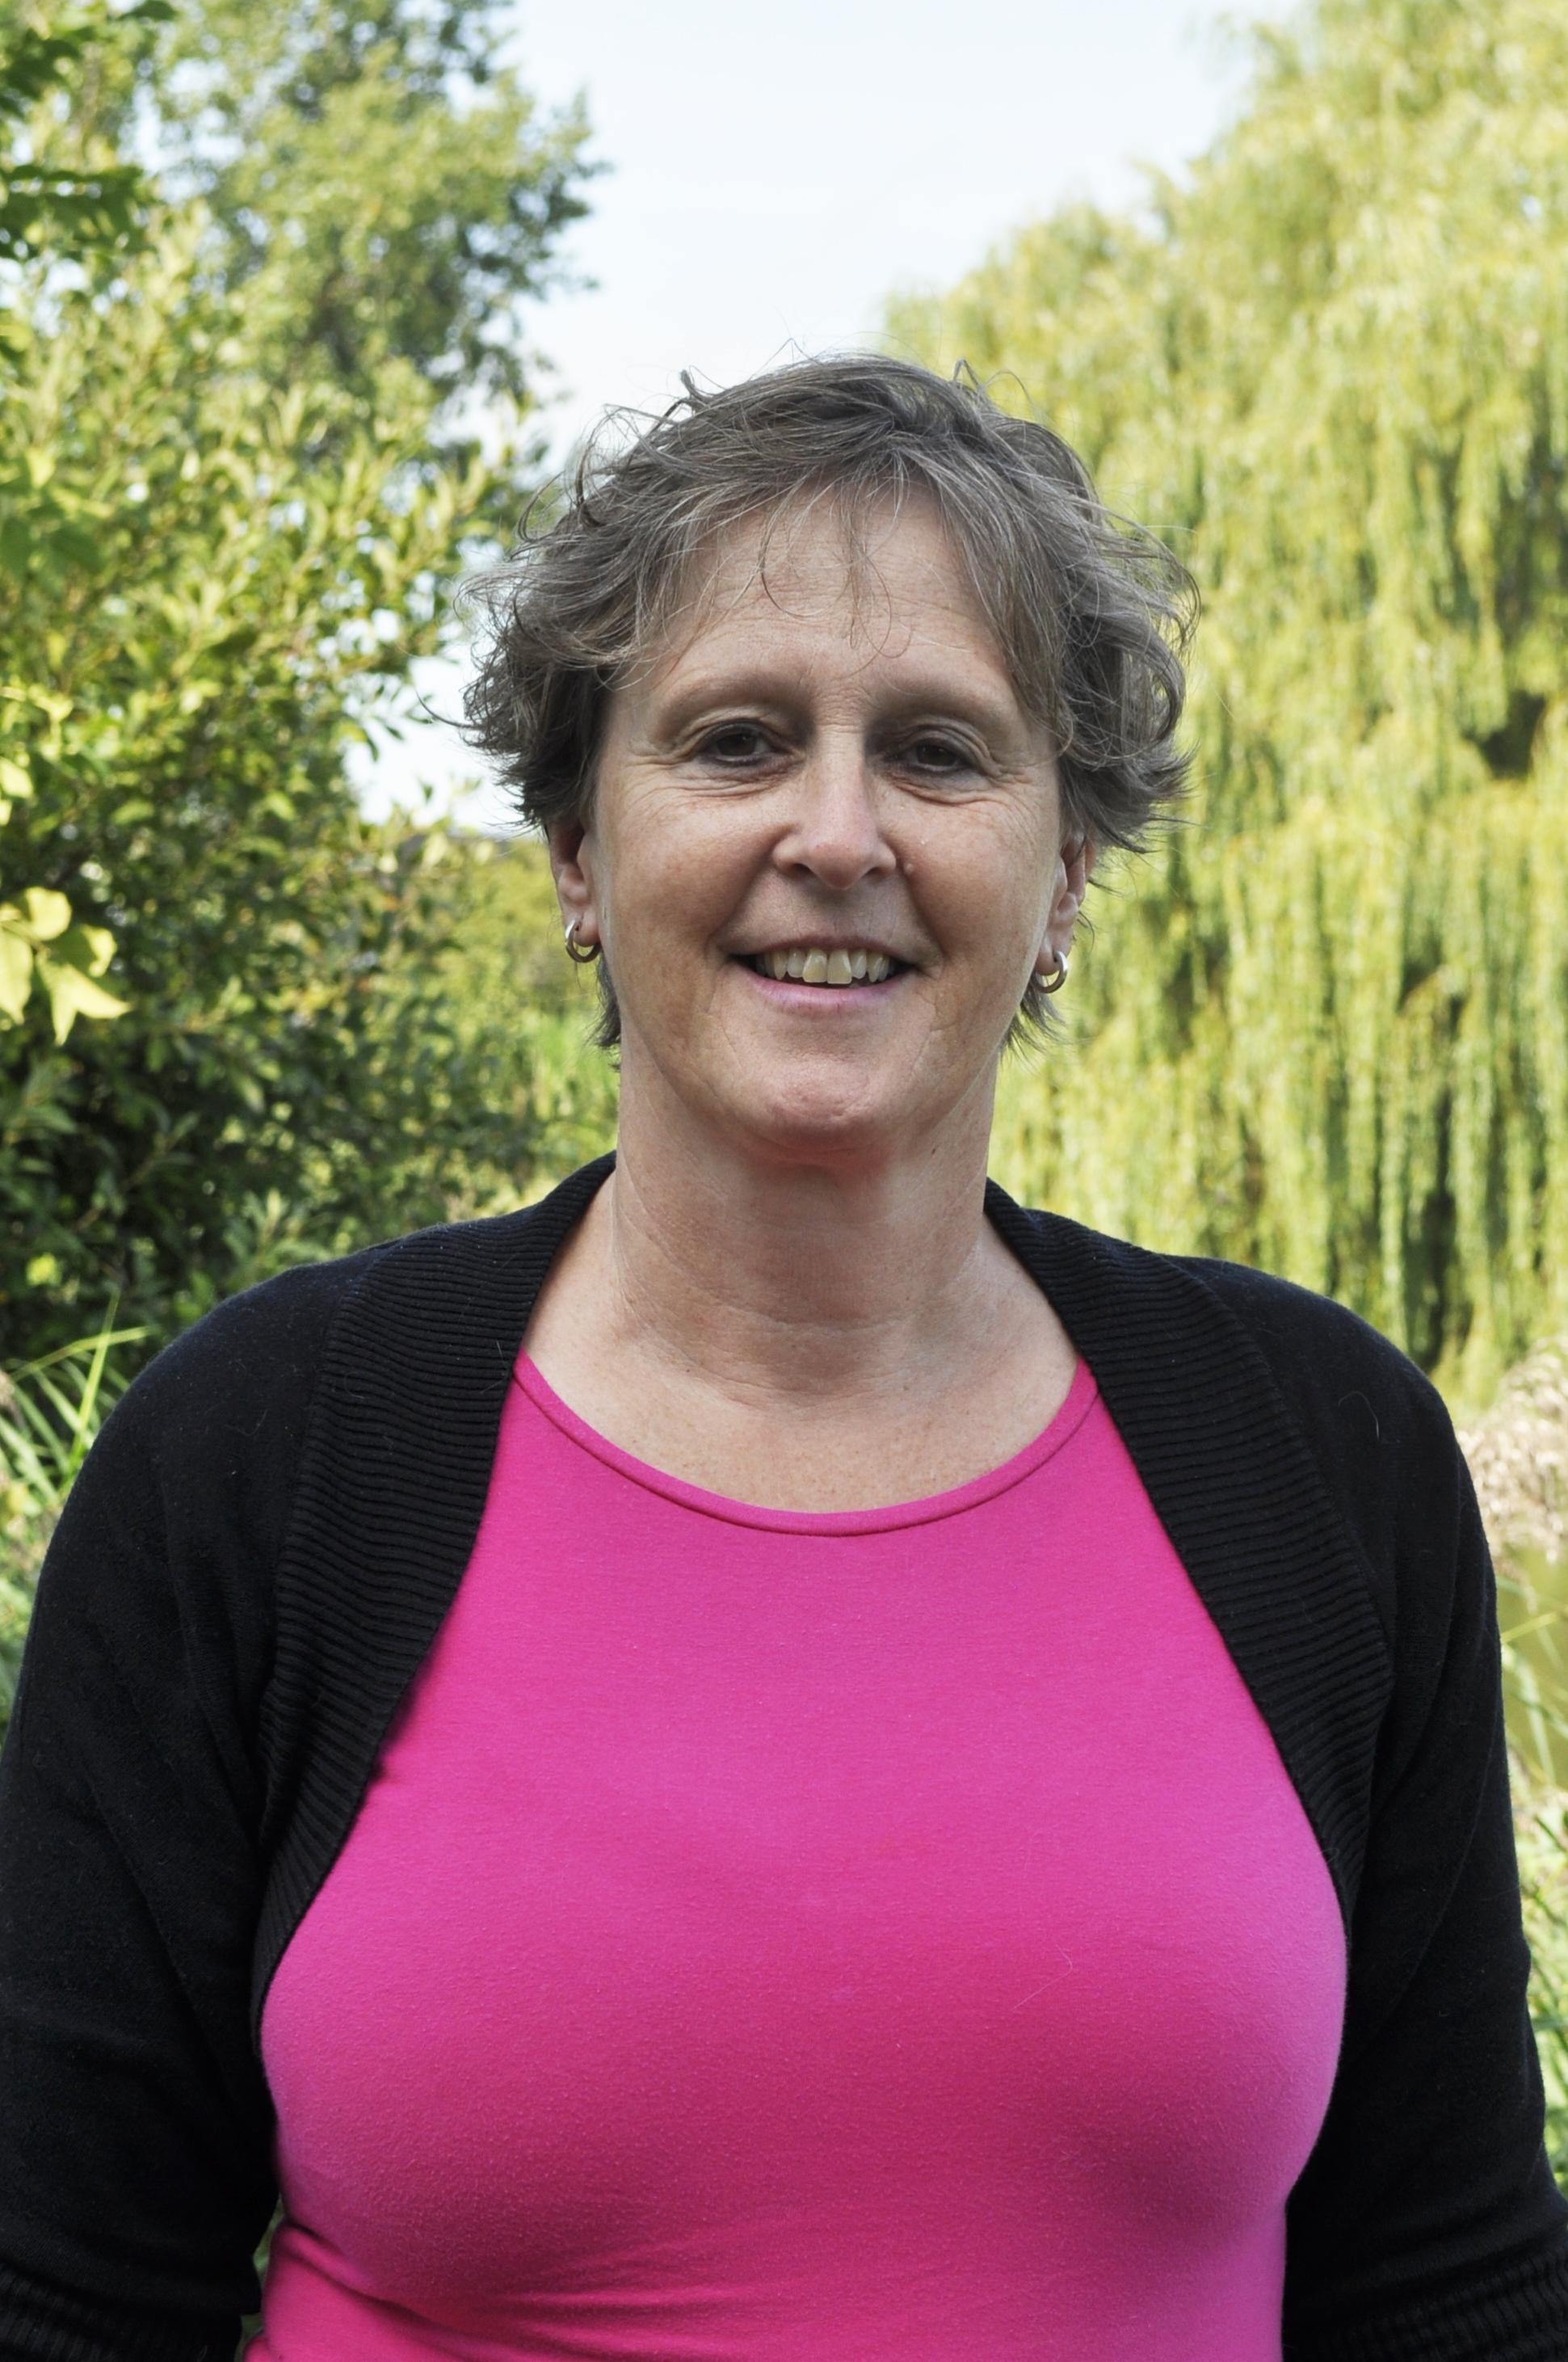 Helen Schellevis